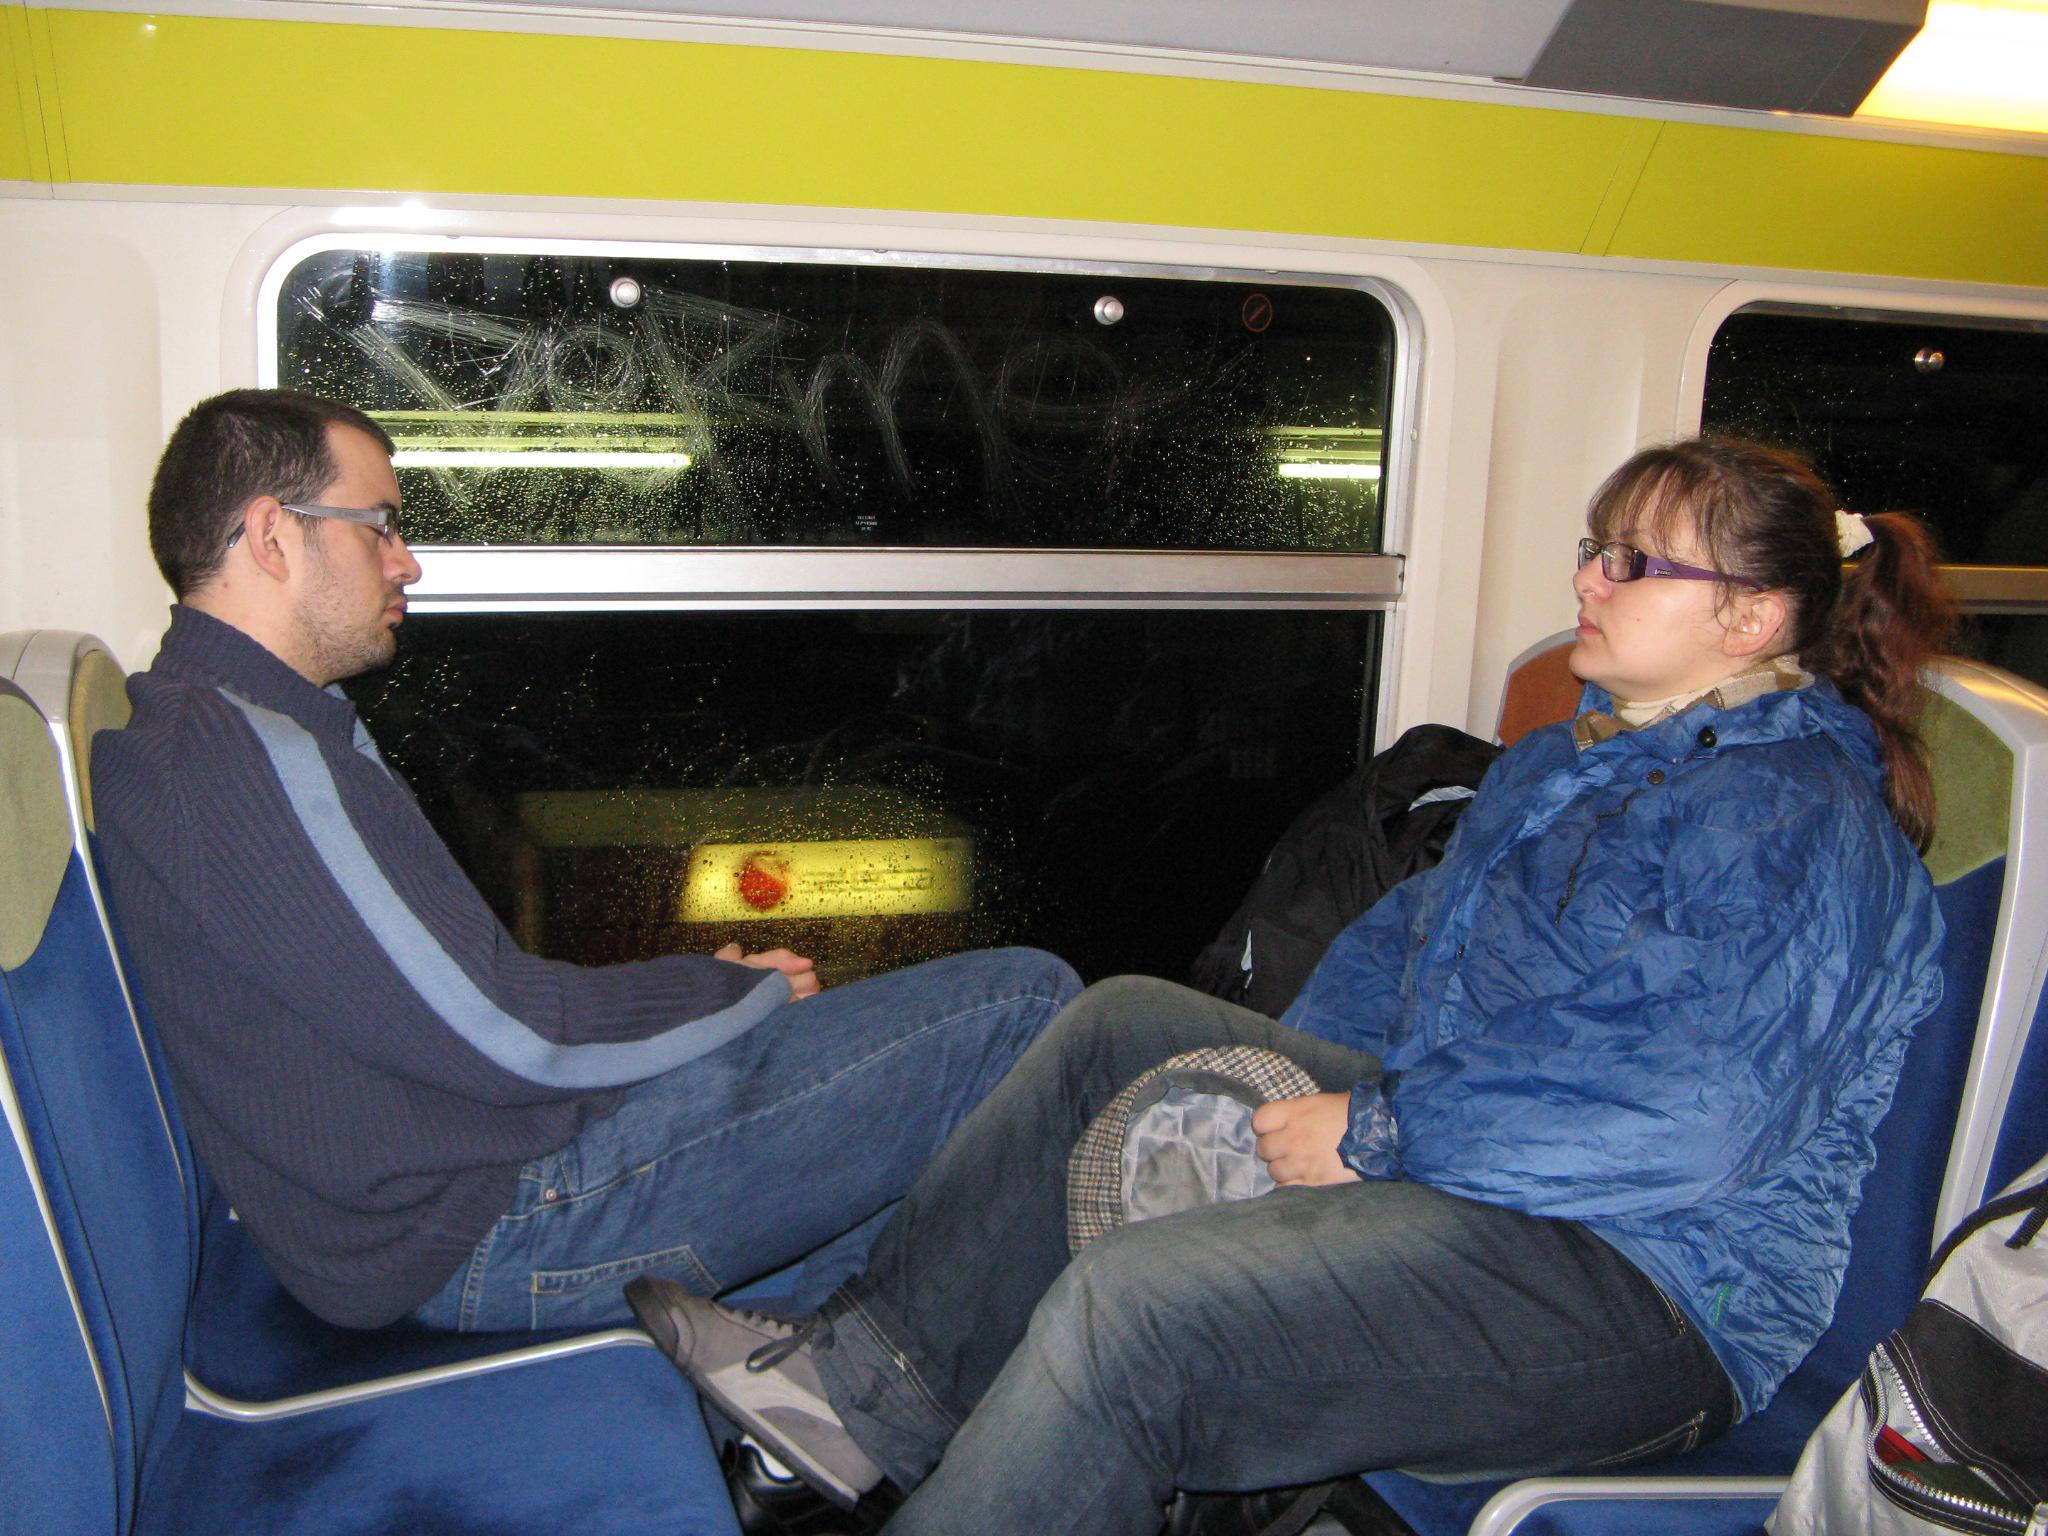 Photo 24 - Boba.fett7 et Padmeia dans le RER